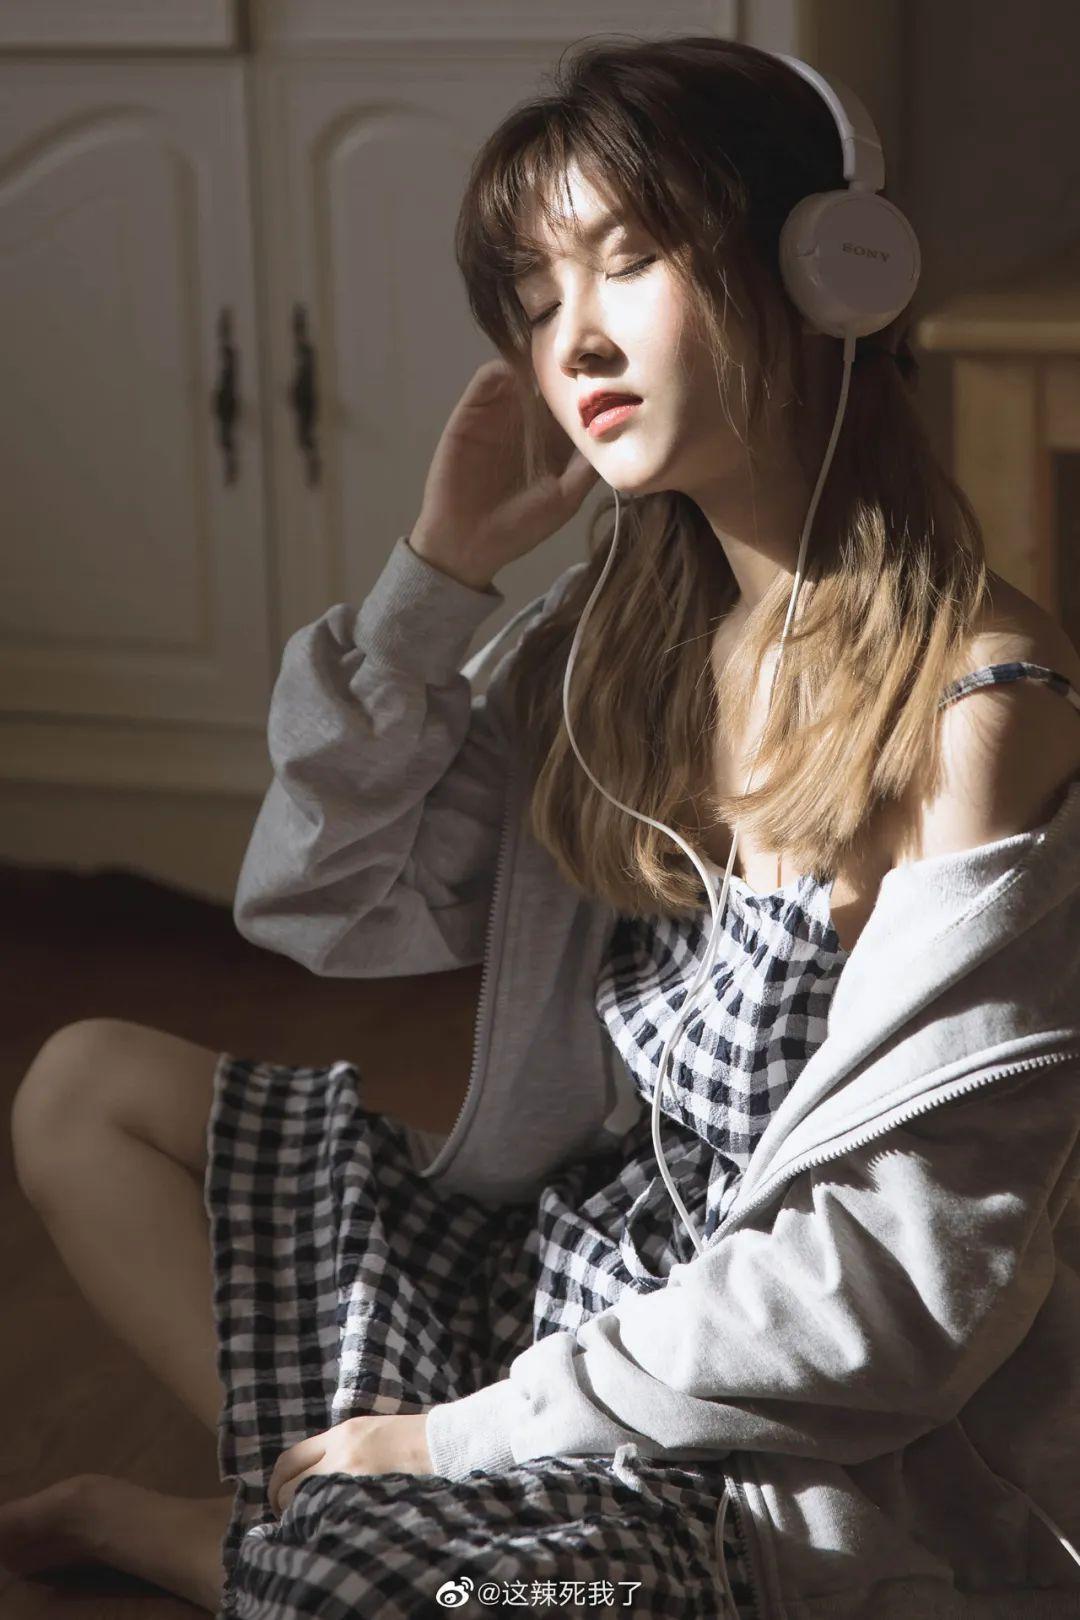 妹子摄影 – 爱学习的邻家女孩,卫衣搭配格子连衣裙_图片 No.8